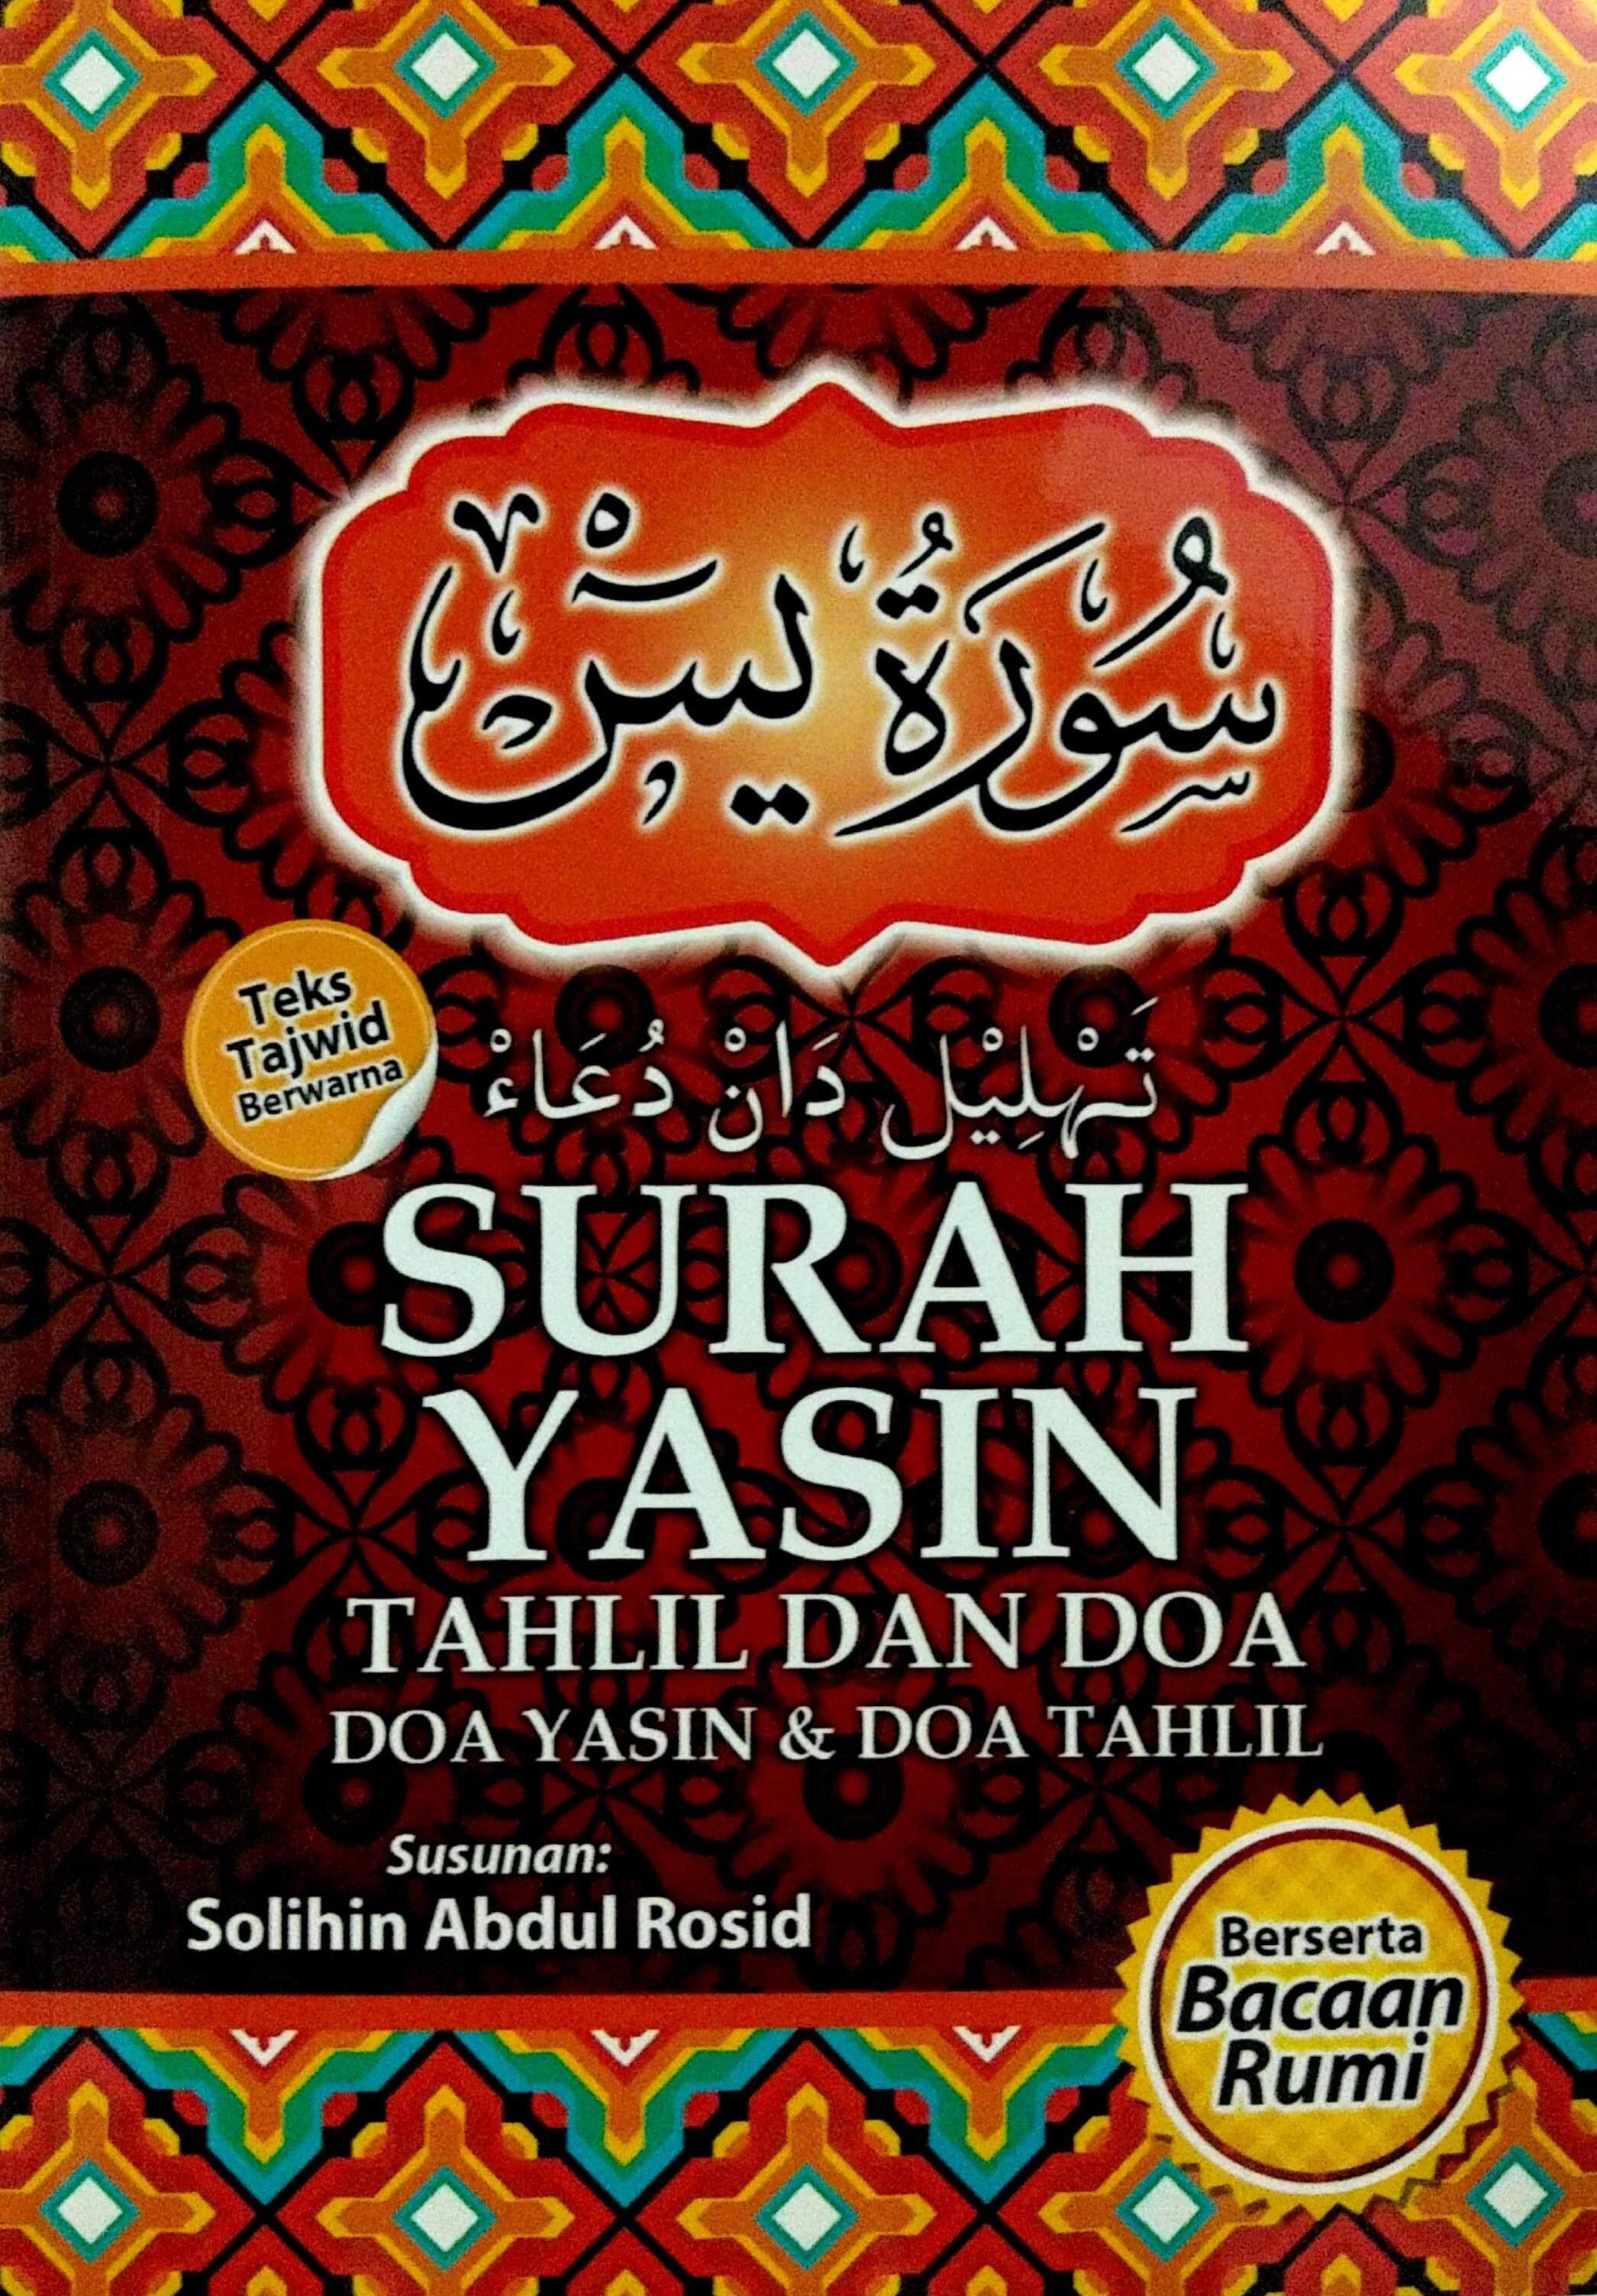 Surah Yasin Tahlil Dan Doa Berserta Bacaan Rumi A5